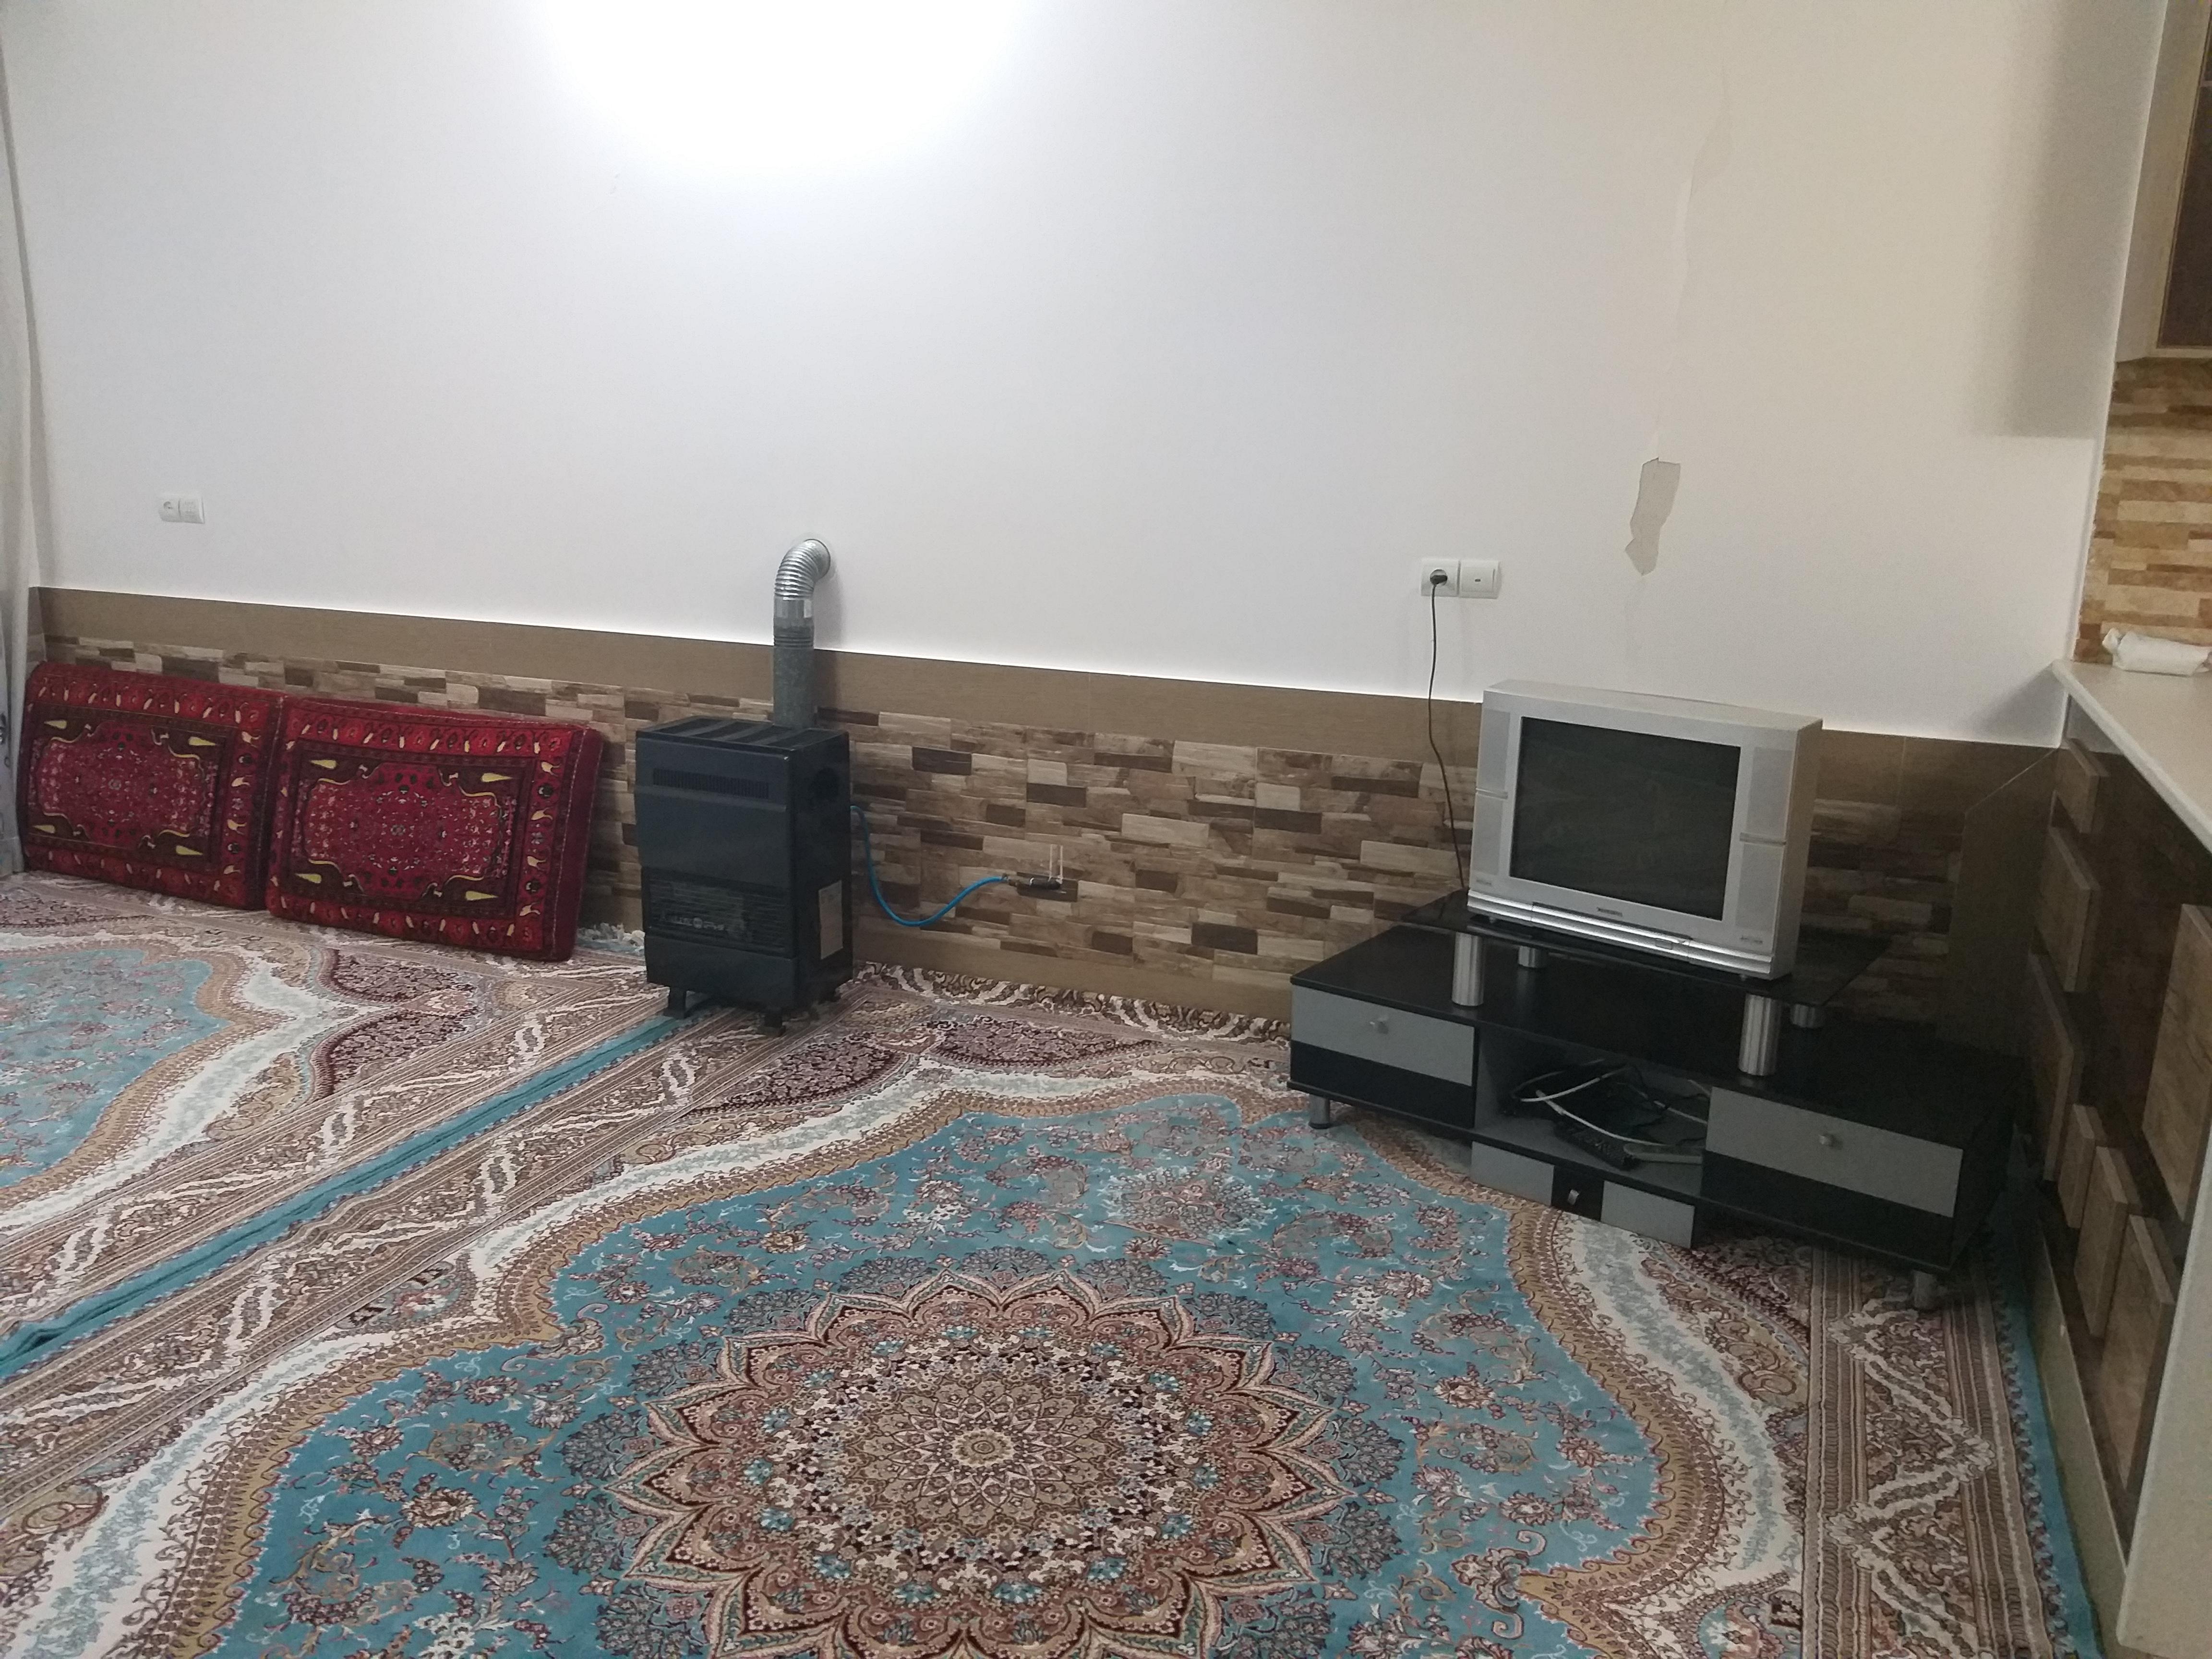 اجاره منزل مبله یک خوابه در کاشان کد ۱۱۴